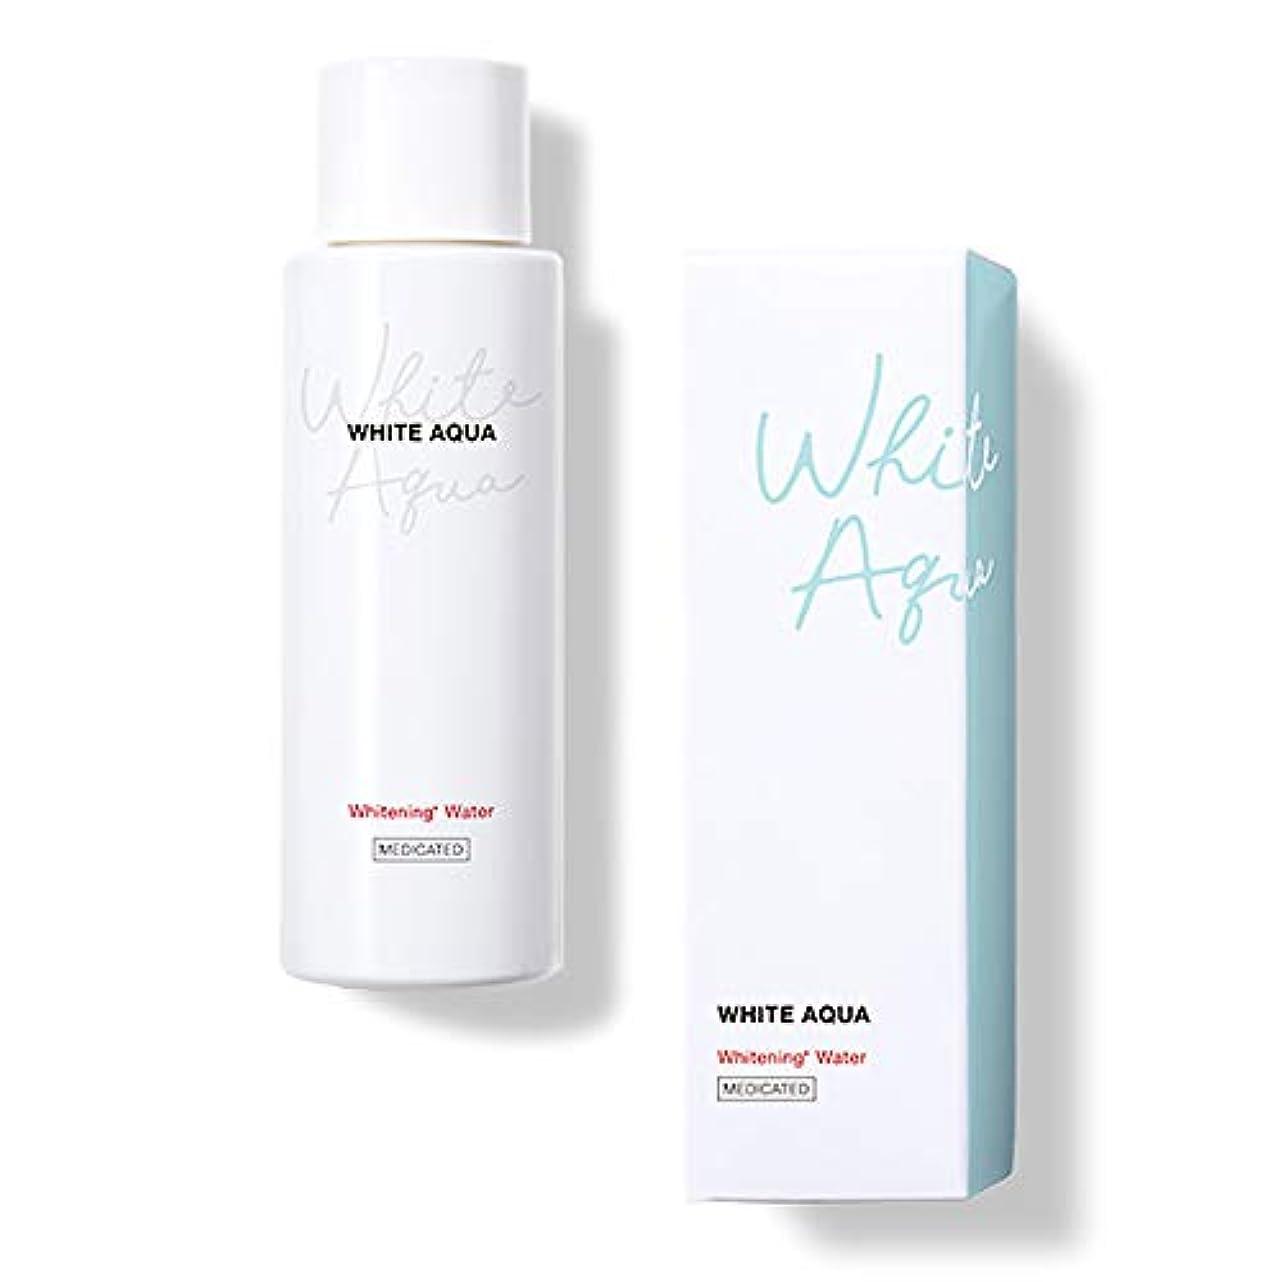 中央値アプライアンスプラスチックホワイトアクア WHITE AQUA 薬用美白水